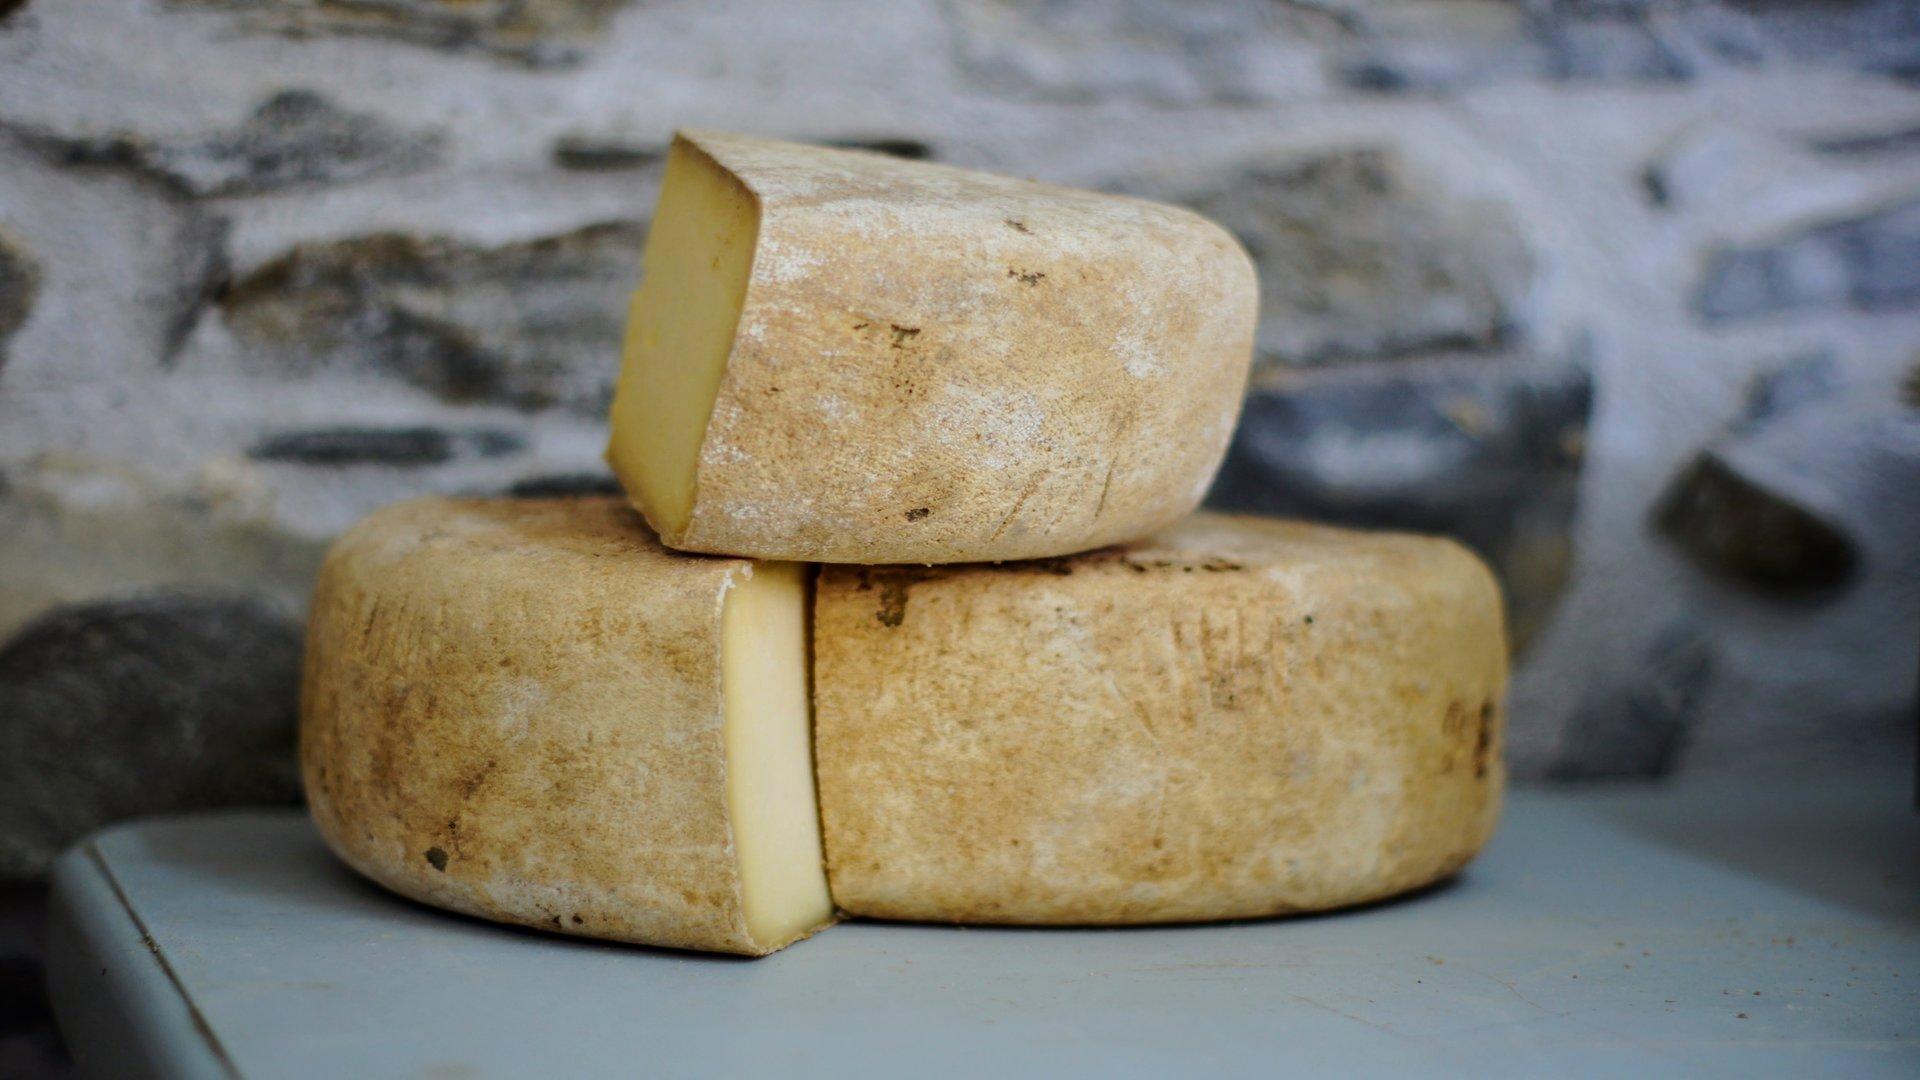 Comment bien conserver le fromage?